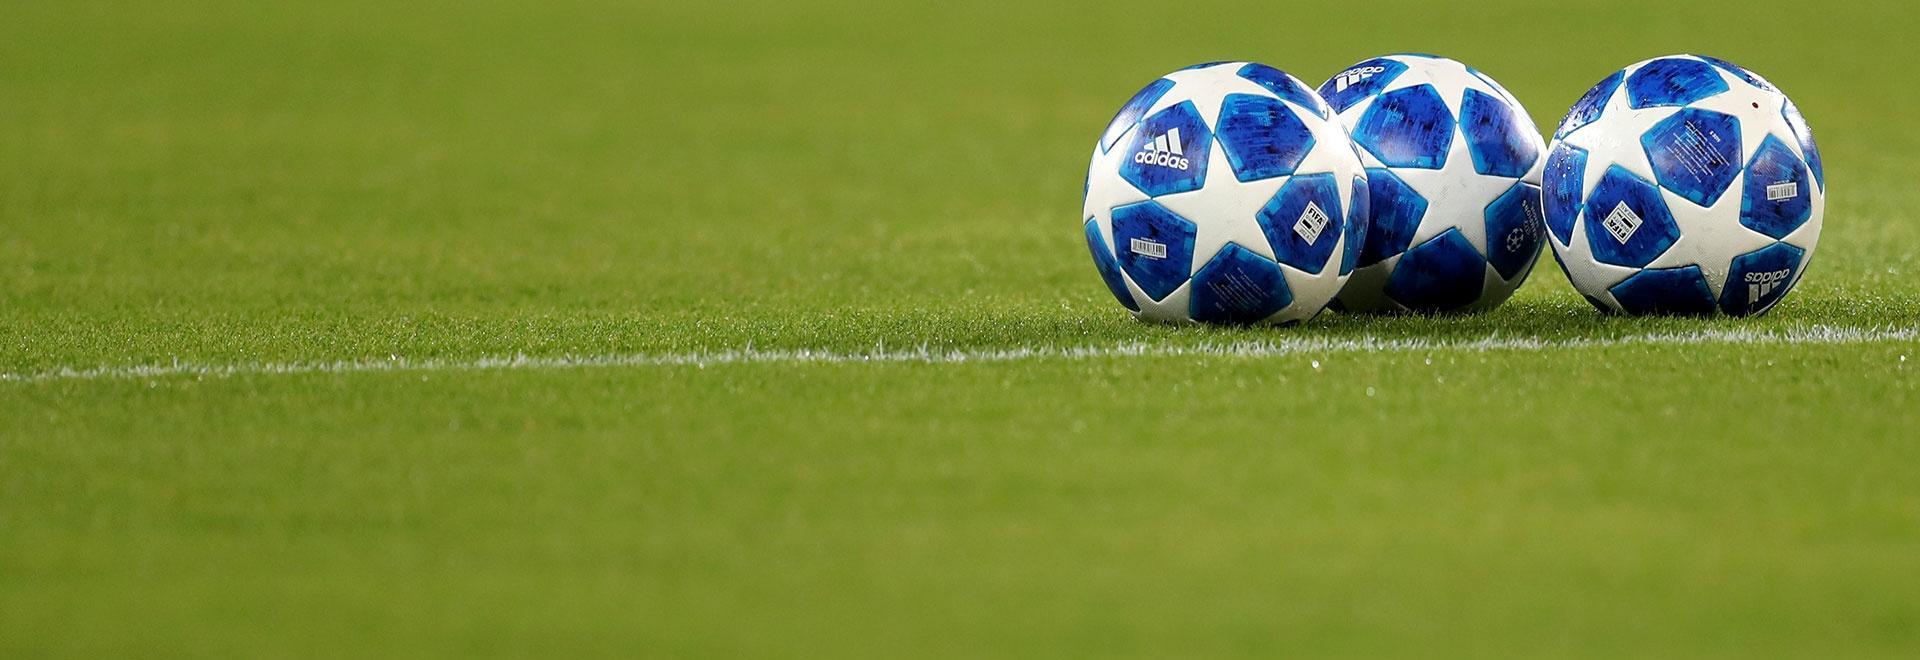 Milan - Man Utd 02/05/07